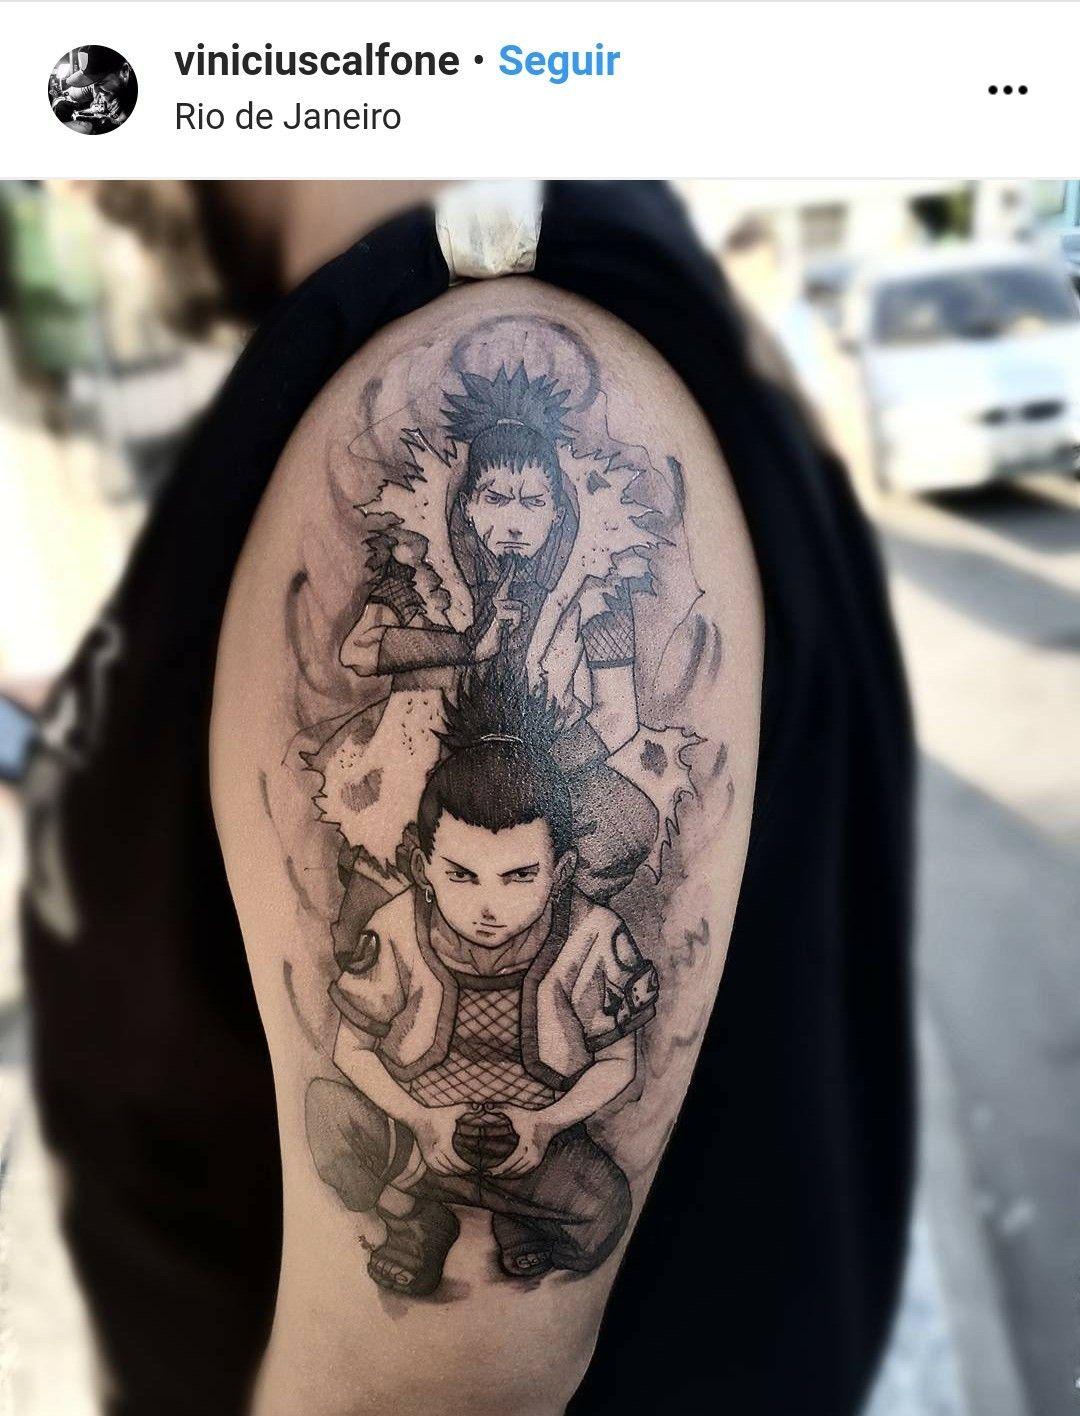 Shikaku Shikamaru Nara Sasuke Uchiha Naruto Tattoo Tattoos